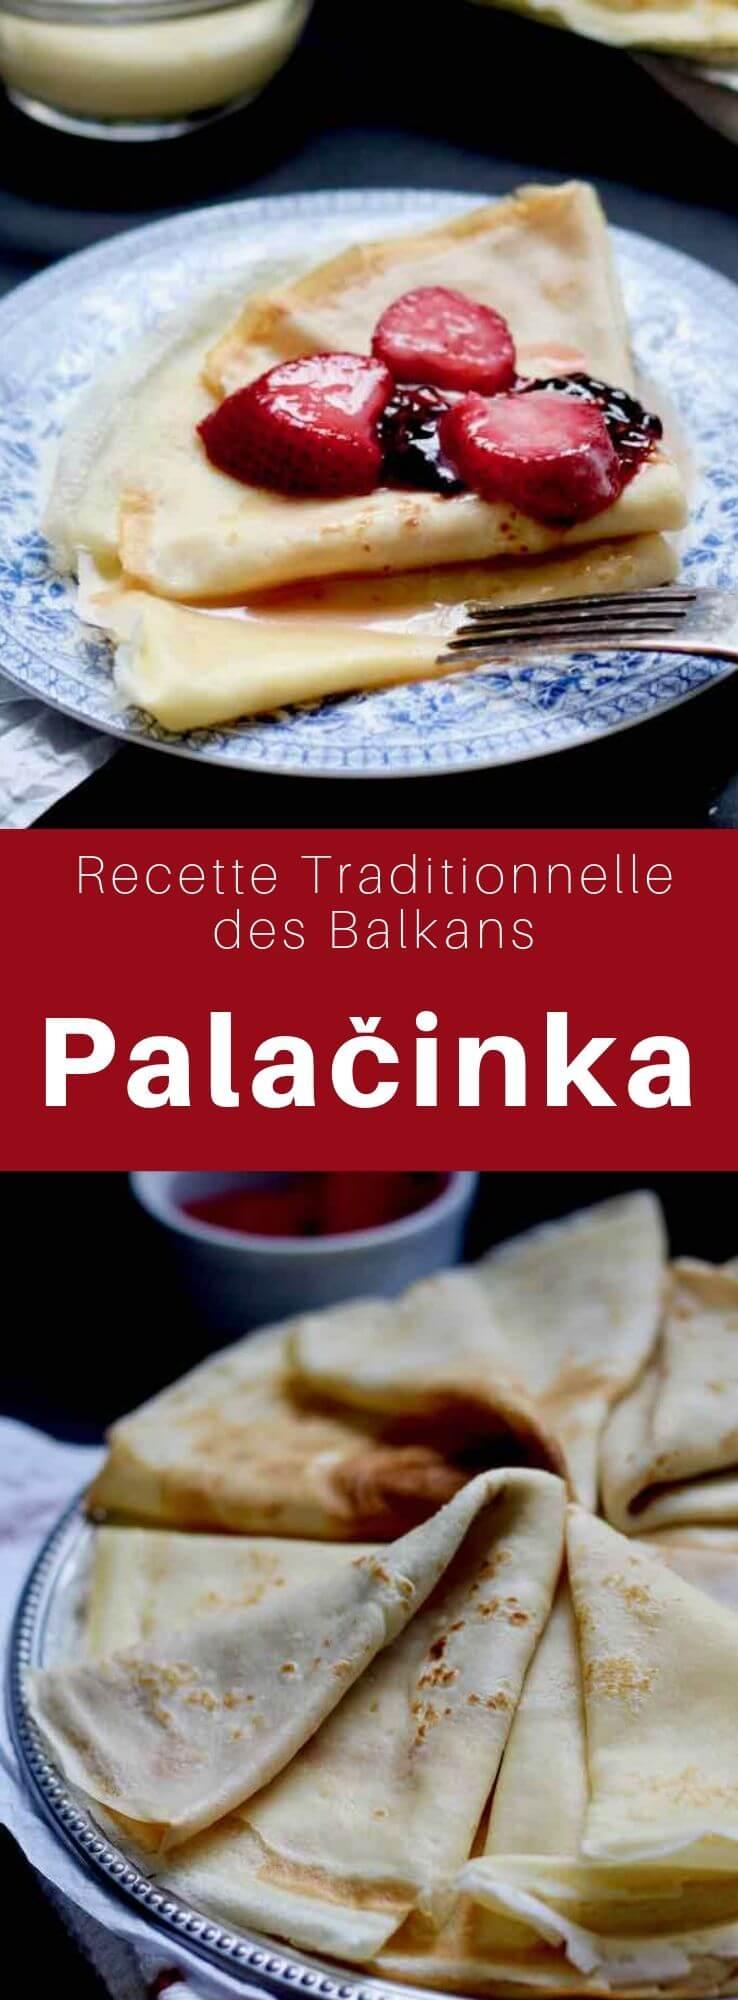 Les palačinky (ou Palatschinken) sont une variété de crêpes d'origine greco-romaine populaires en Europe centrale et Europe de l'Est. #Macedoie #Balkans #CuisineDuMonde #196flavors